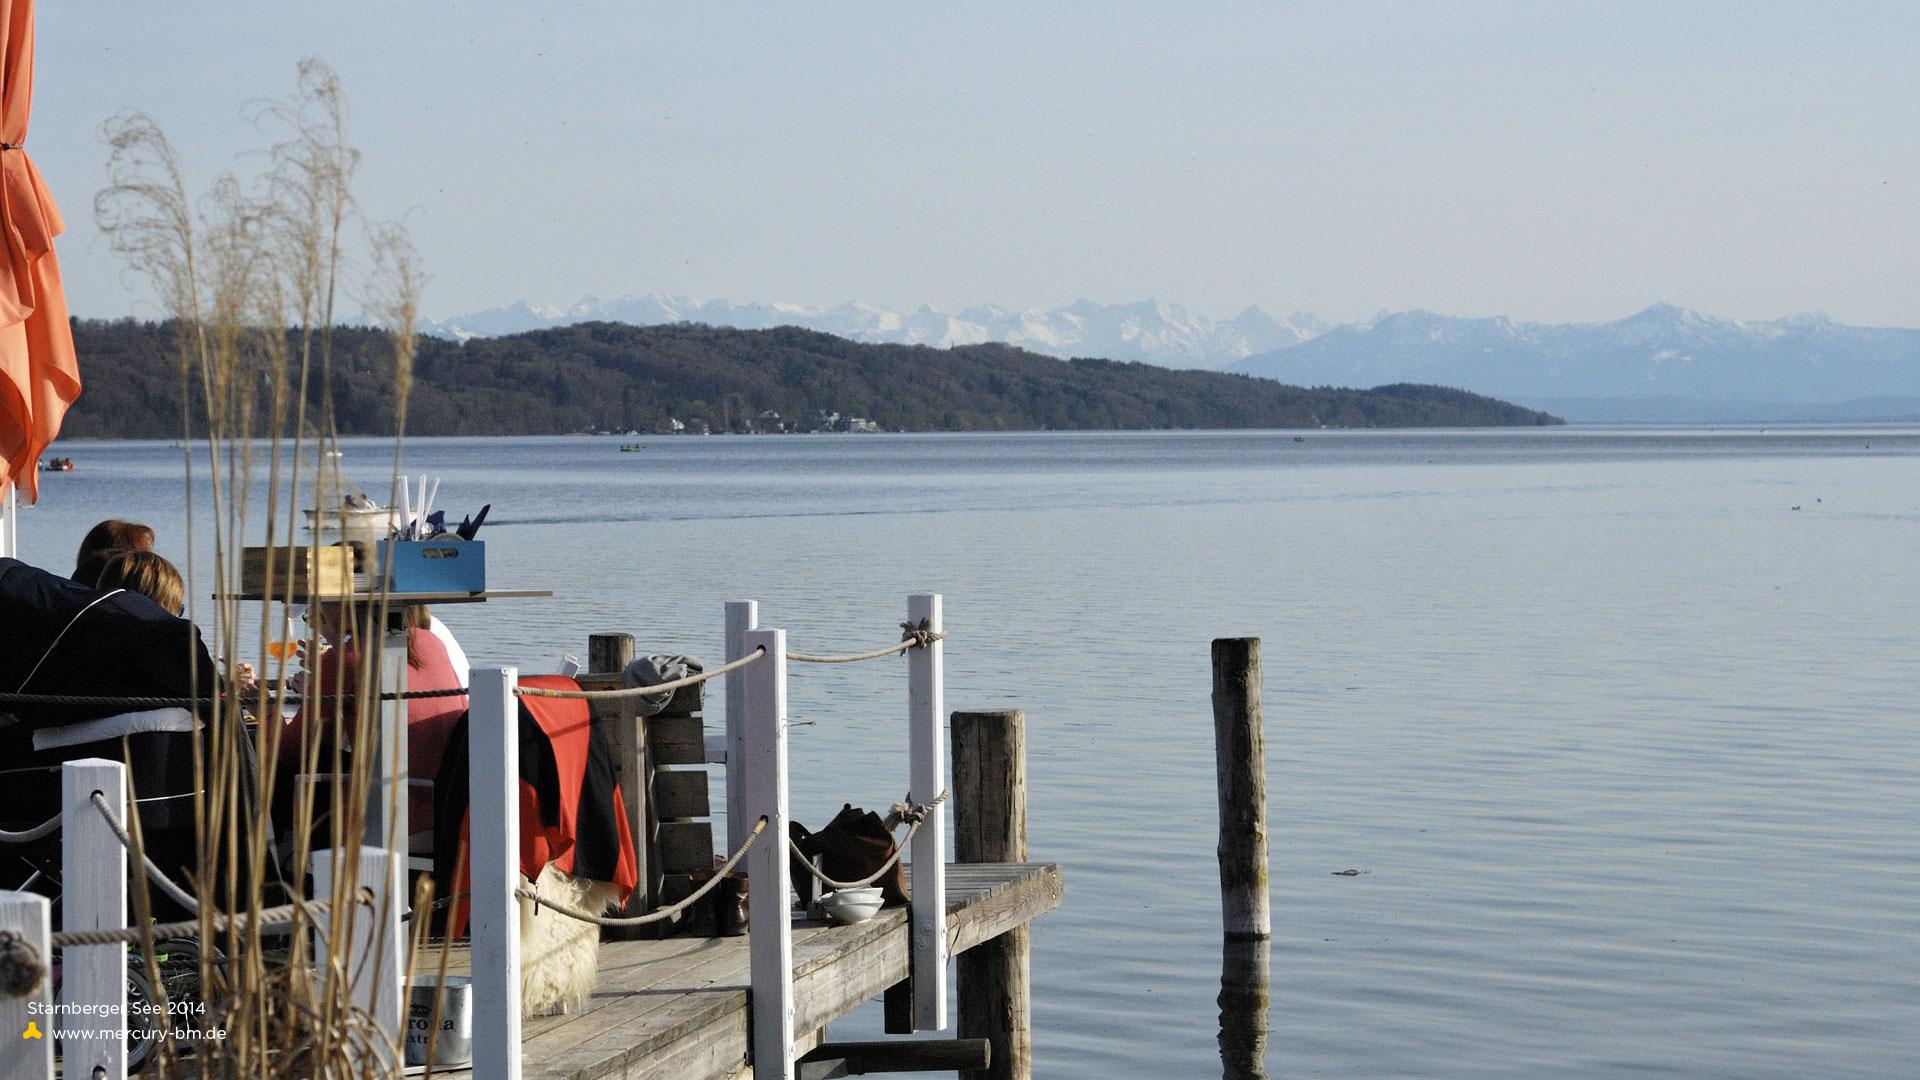 Alpenblick vom Undosa am Starnberger See